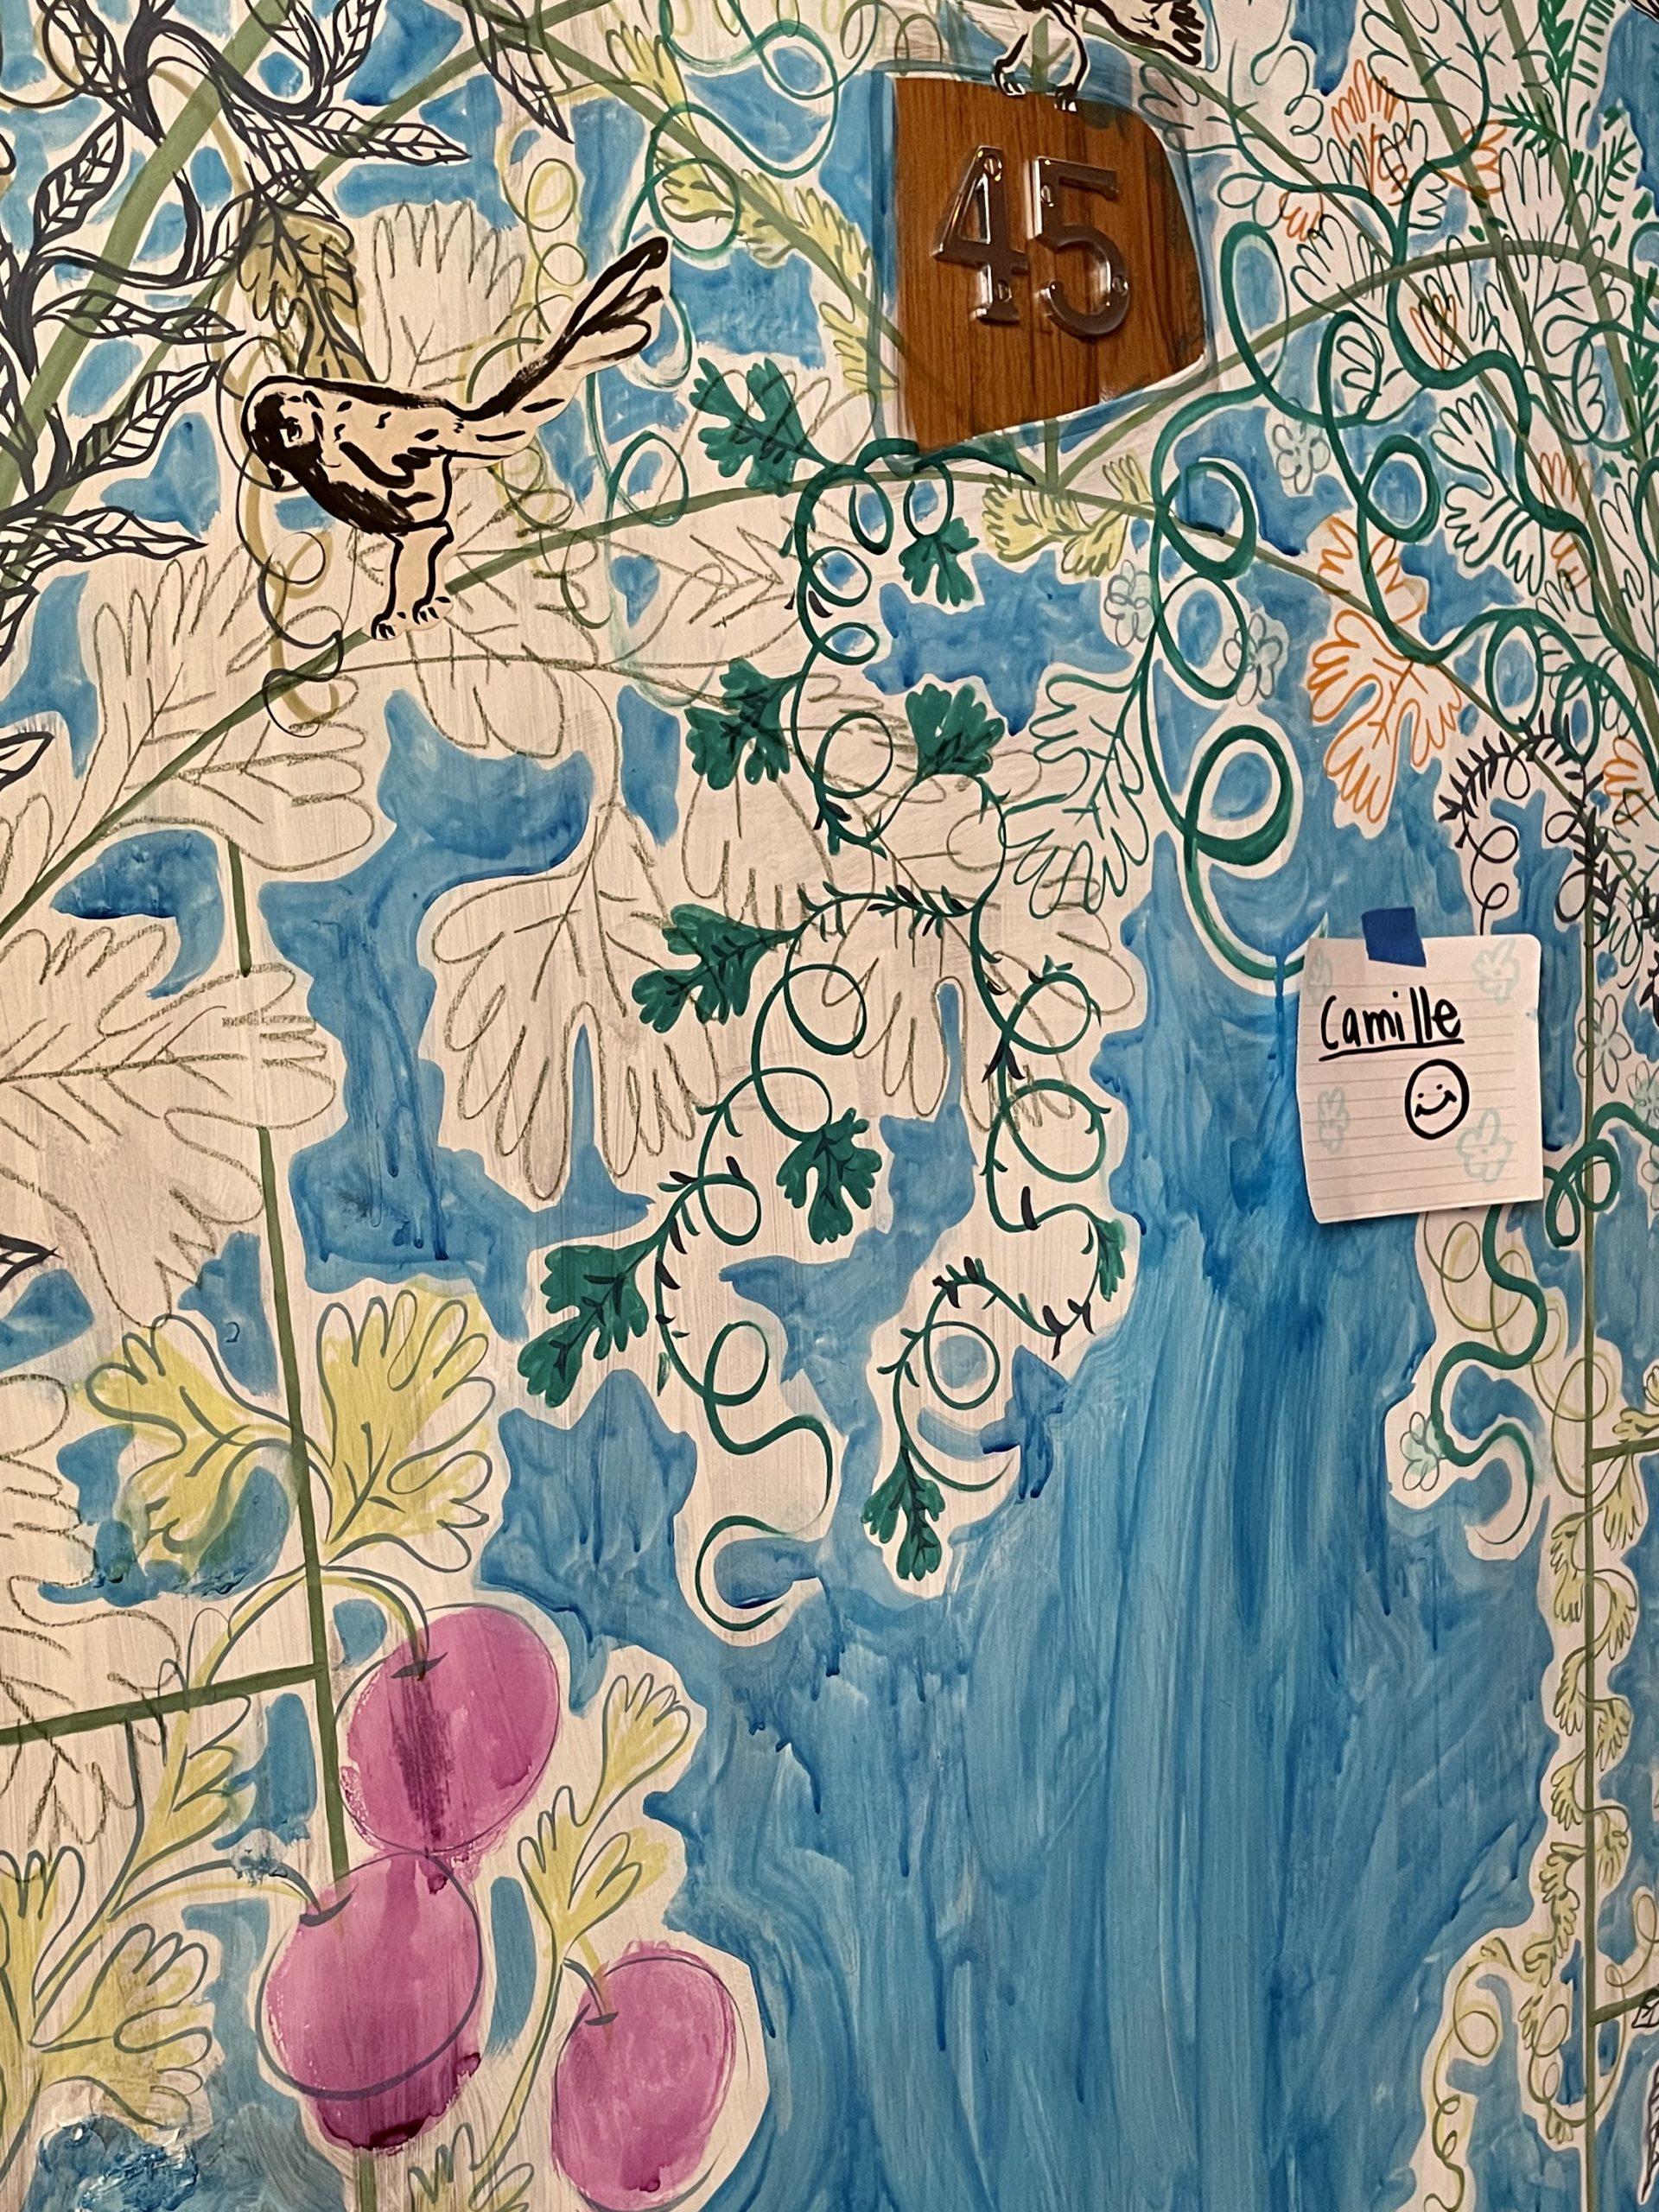 Vue de l'atelier, Camille Chastang, LA DRAWING FACTORY, COURTESY ARTVISIONS